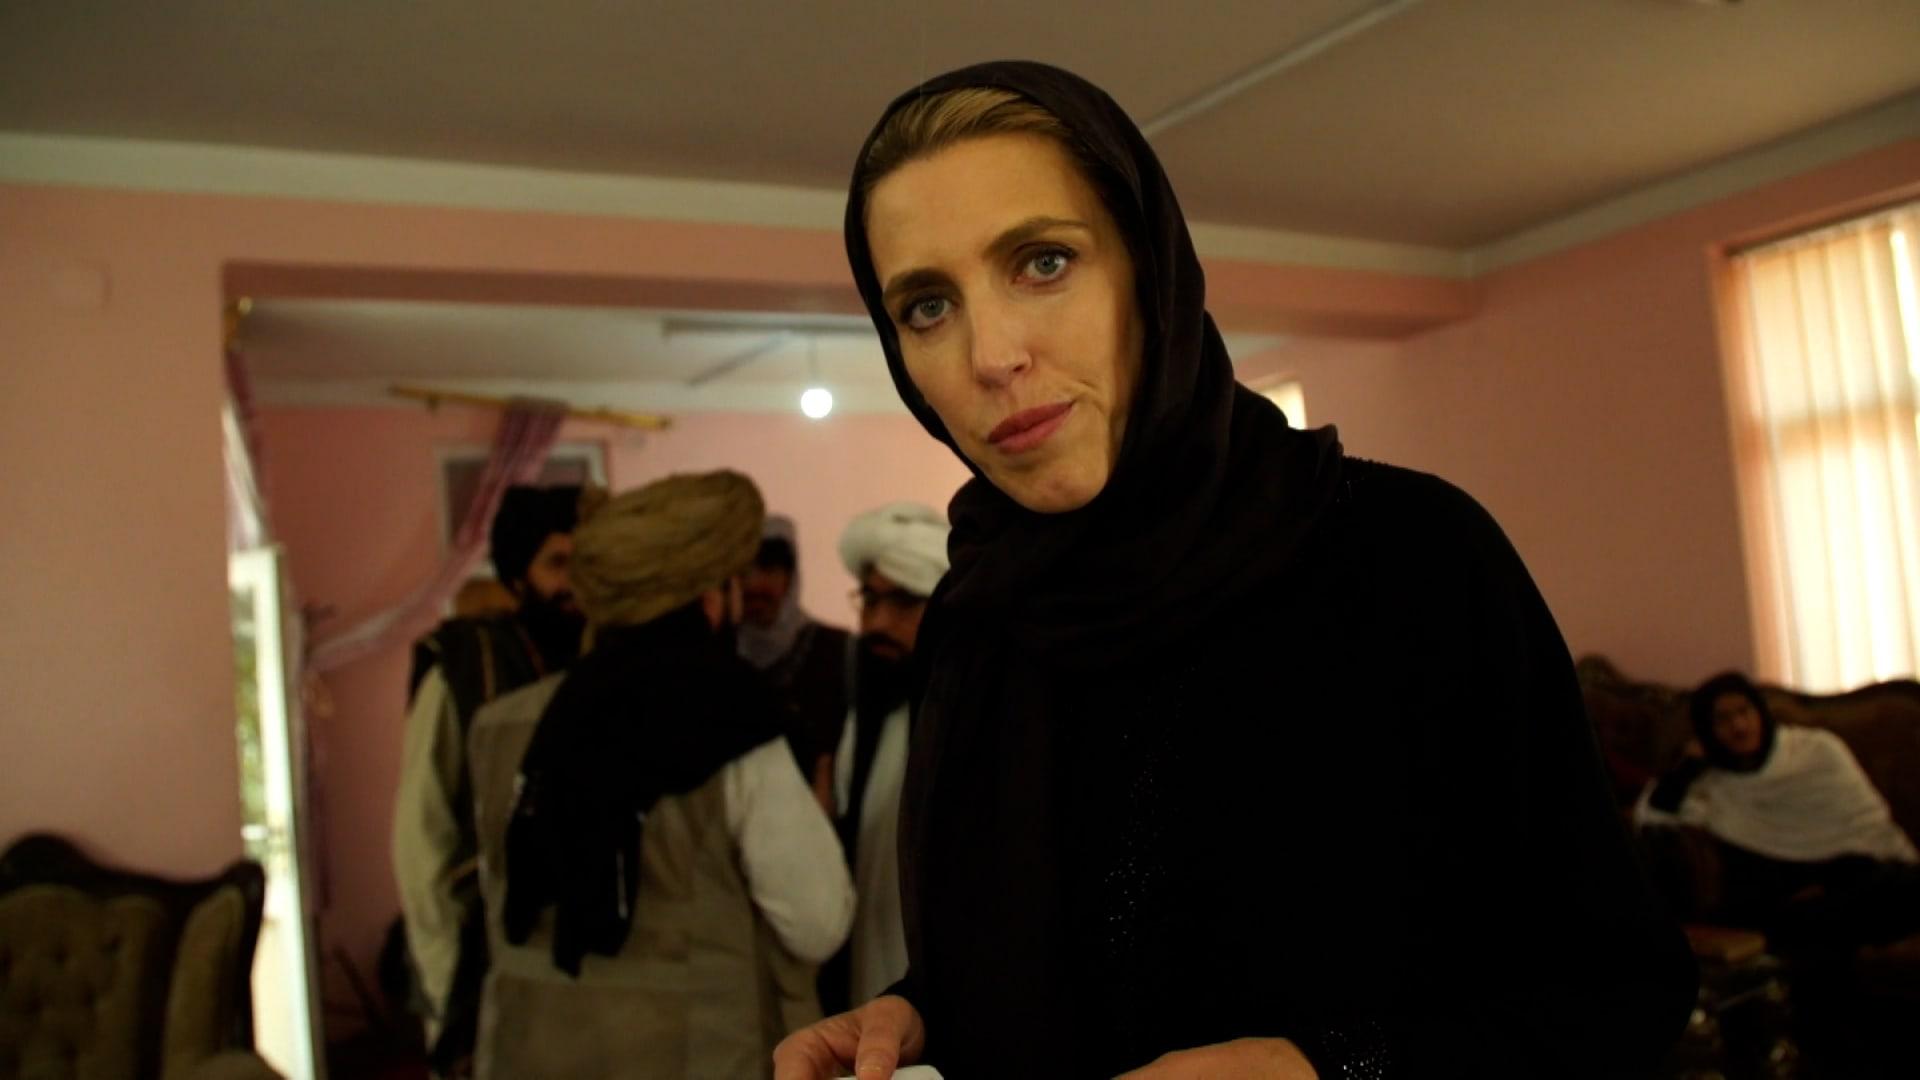 طالبان تسيطر على النظام القضائي بأفغانستان.. مراسلة CNN تُظهر كيف تبدو عدالتهم